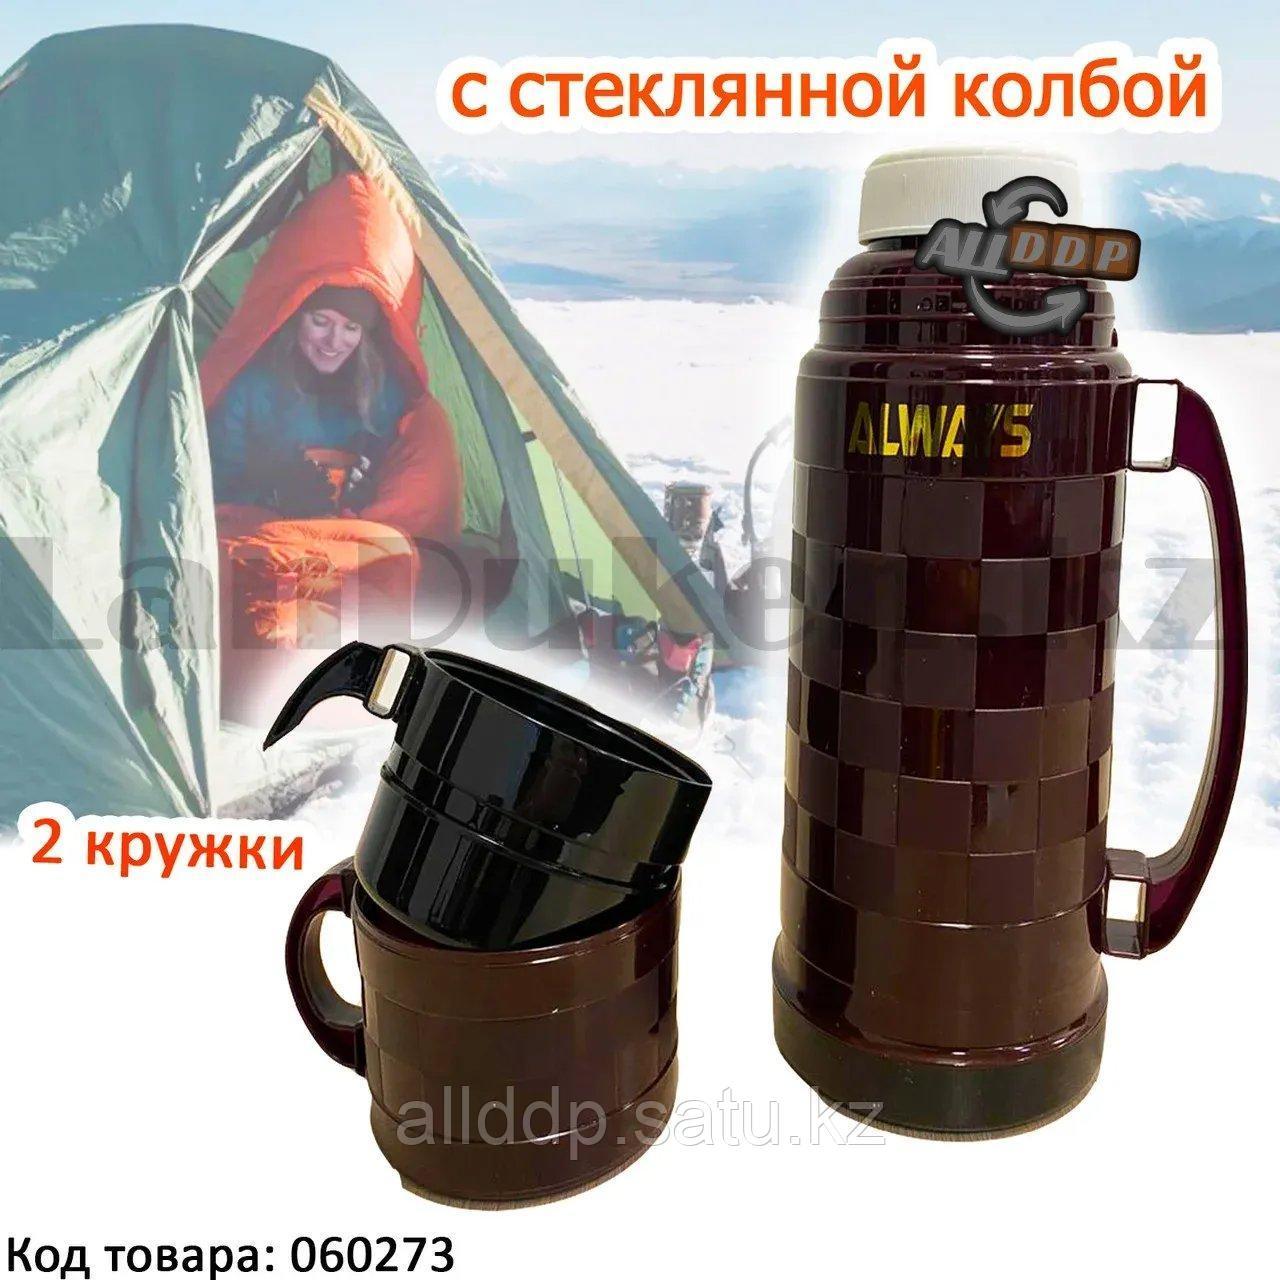 Вакуумный термос для горячих и холодных напитков с стеклянной колбой 2 стакана 1 L Always LV-10 бордовый